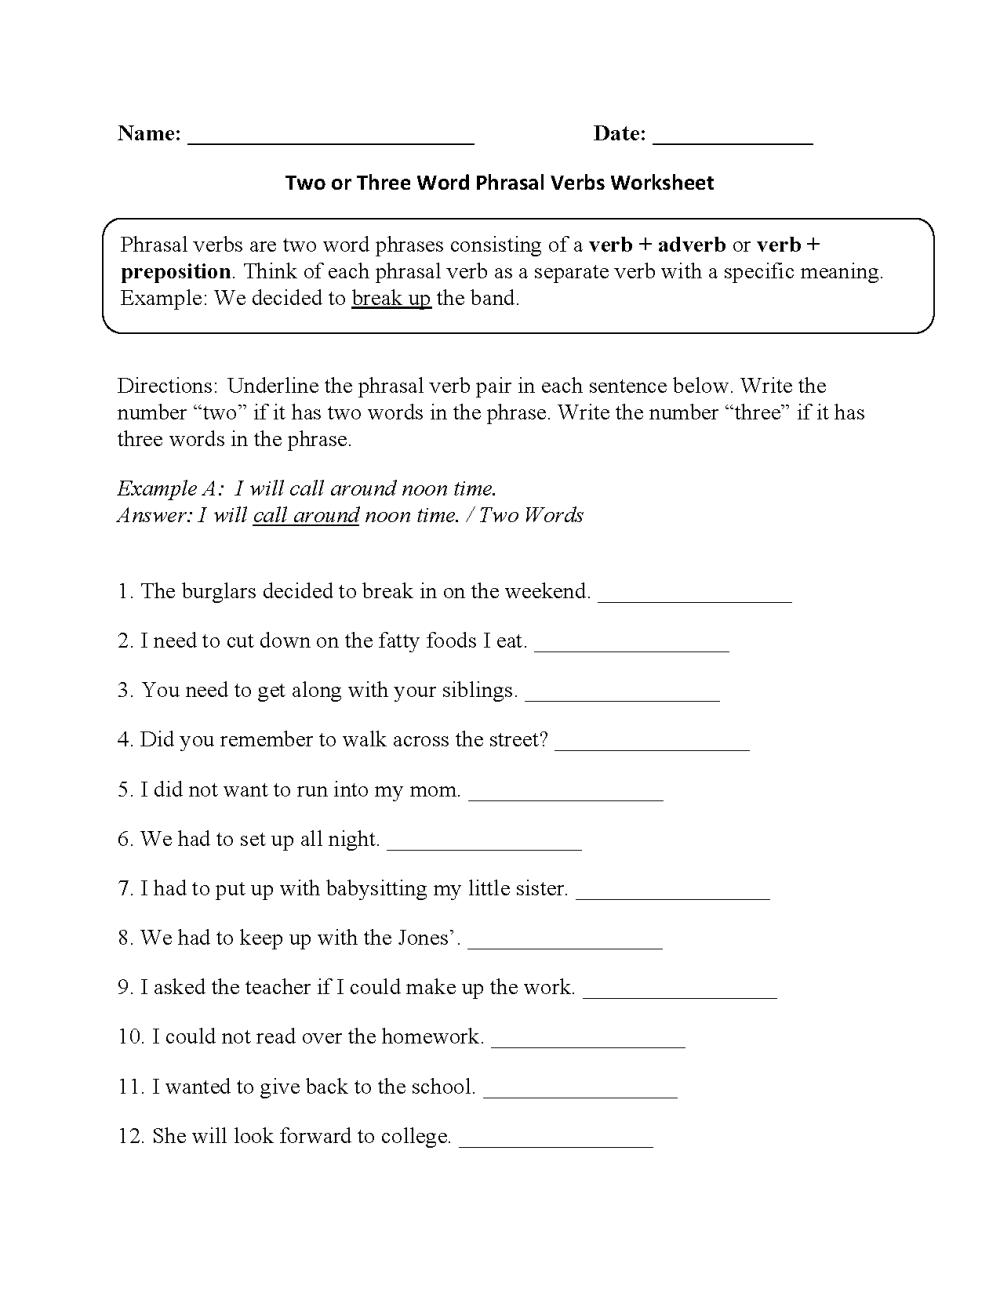 medium resolution of Verbs Worksheets   Phrasal Verbs Worksheets